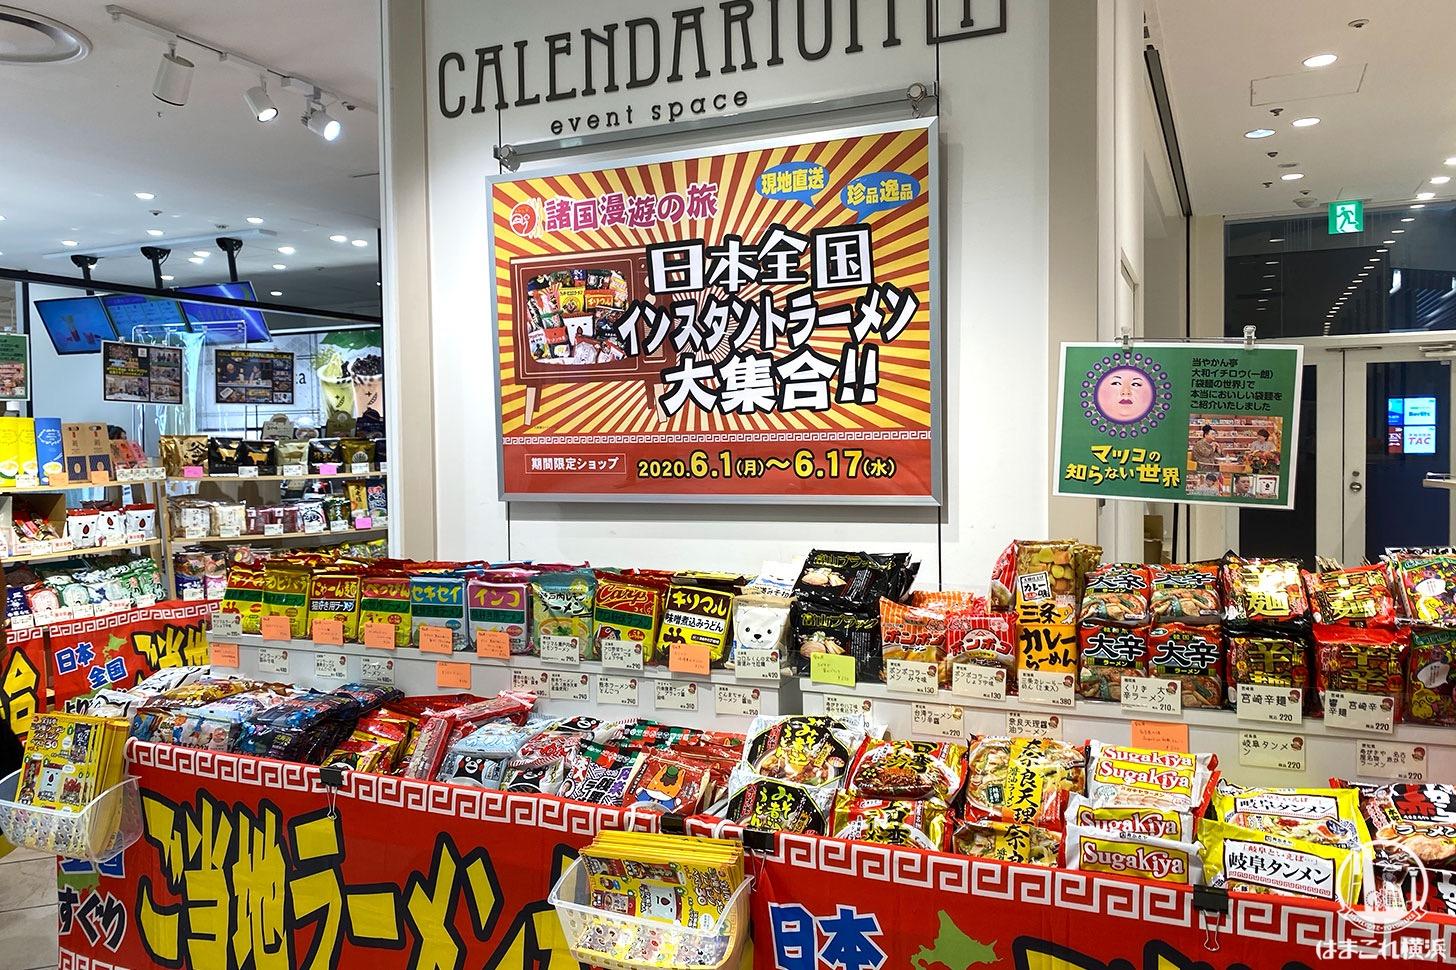 横浜に日本各地のご当地インスタントラーメン大集結!初見のラーメン充実で面白すぎた